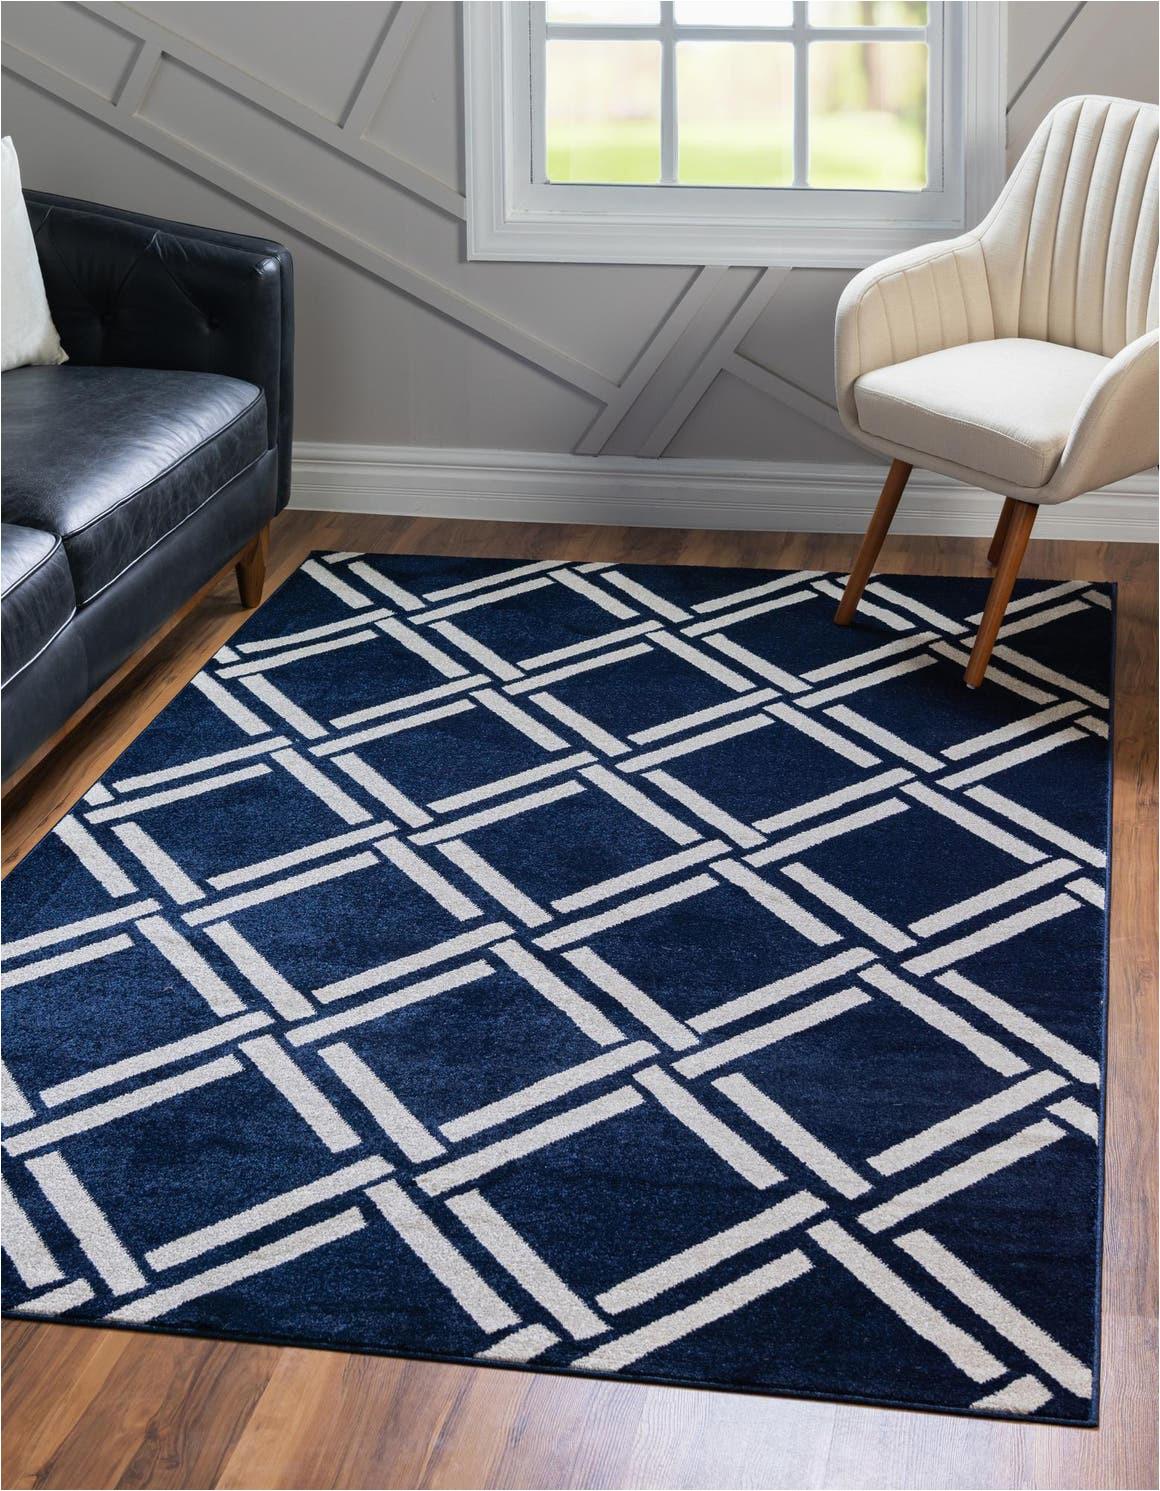 navy blue 9x12 lattice area rug rt=bbcolor